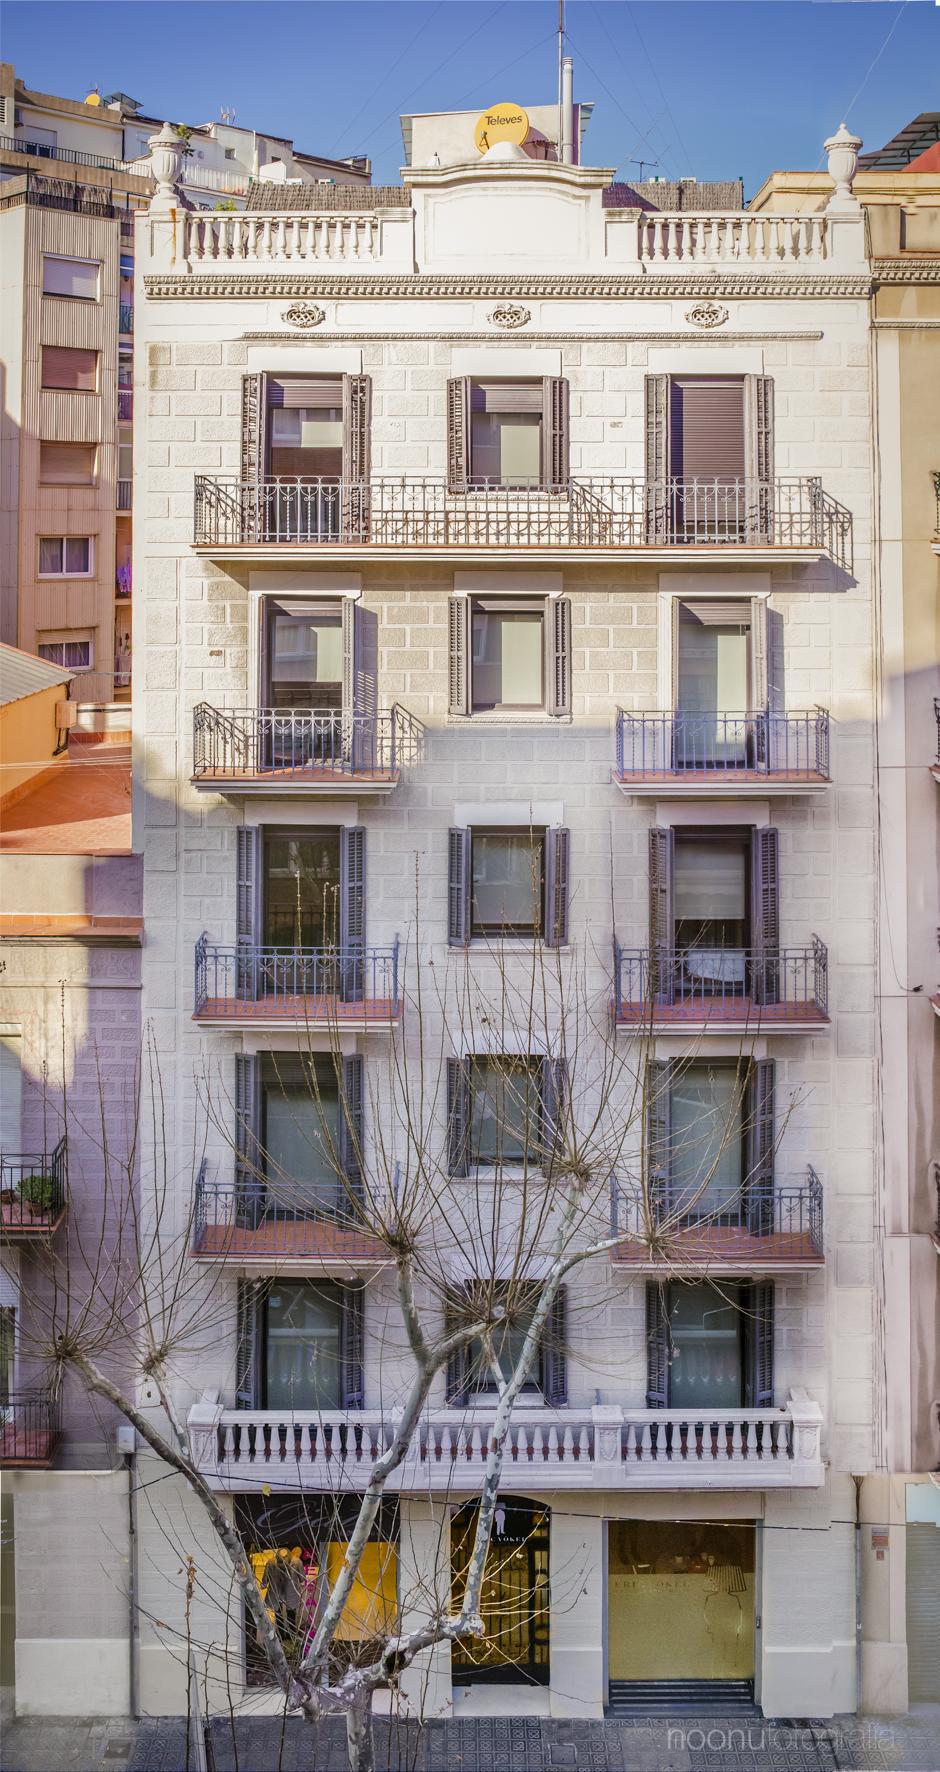 Noonu-fotografo-de-interiores-madrid3-2